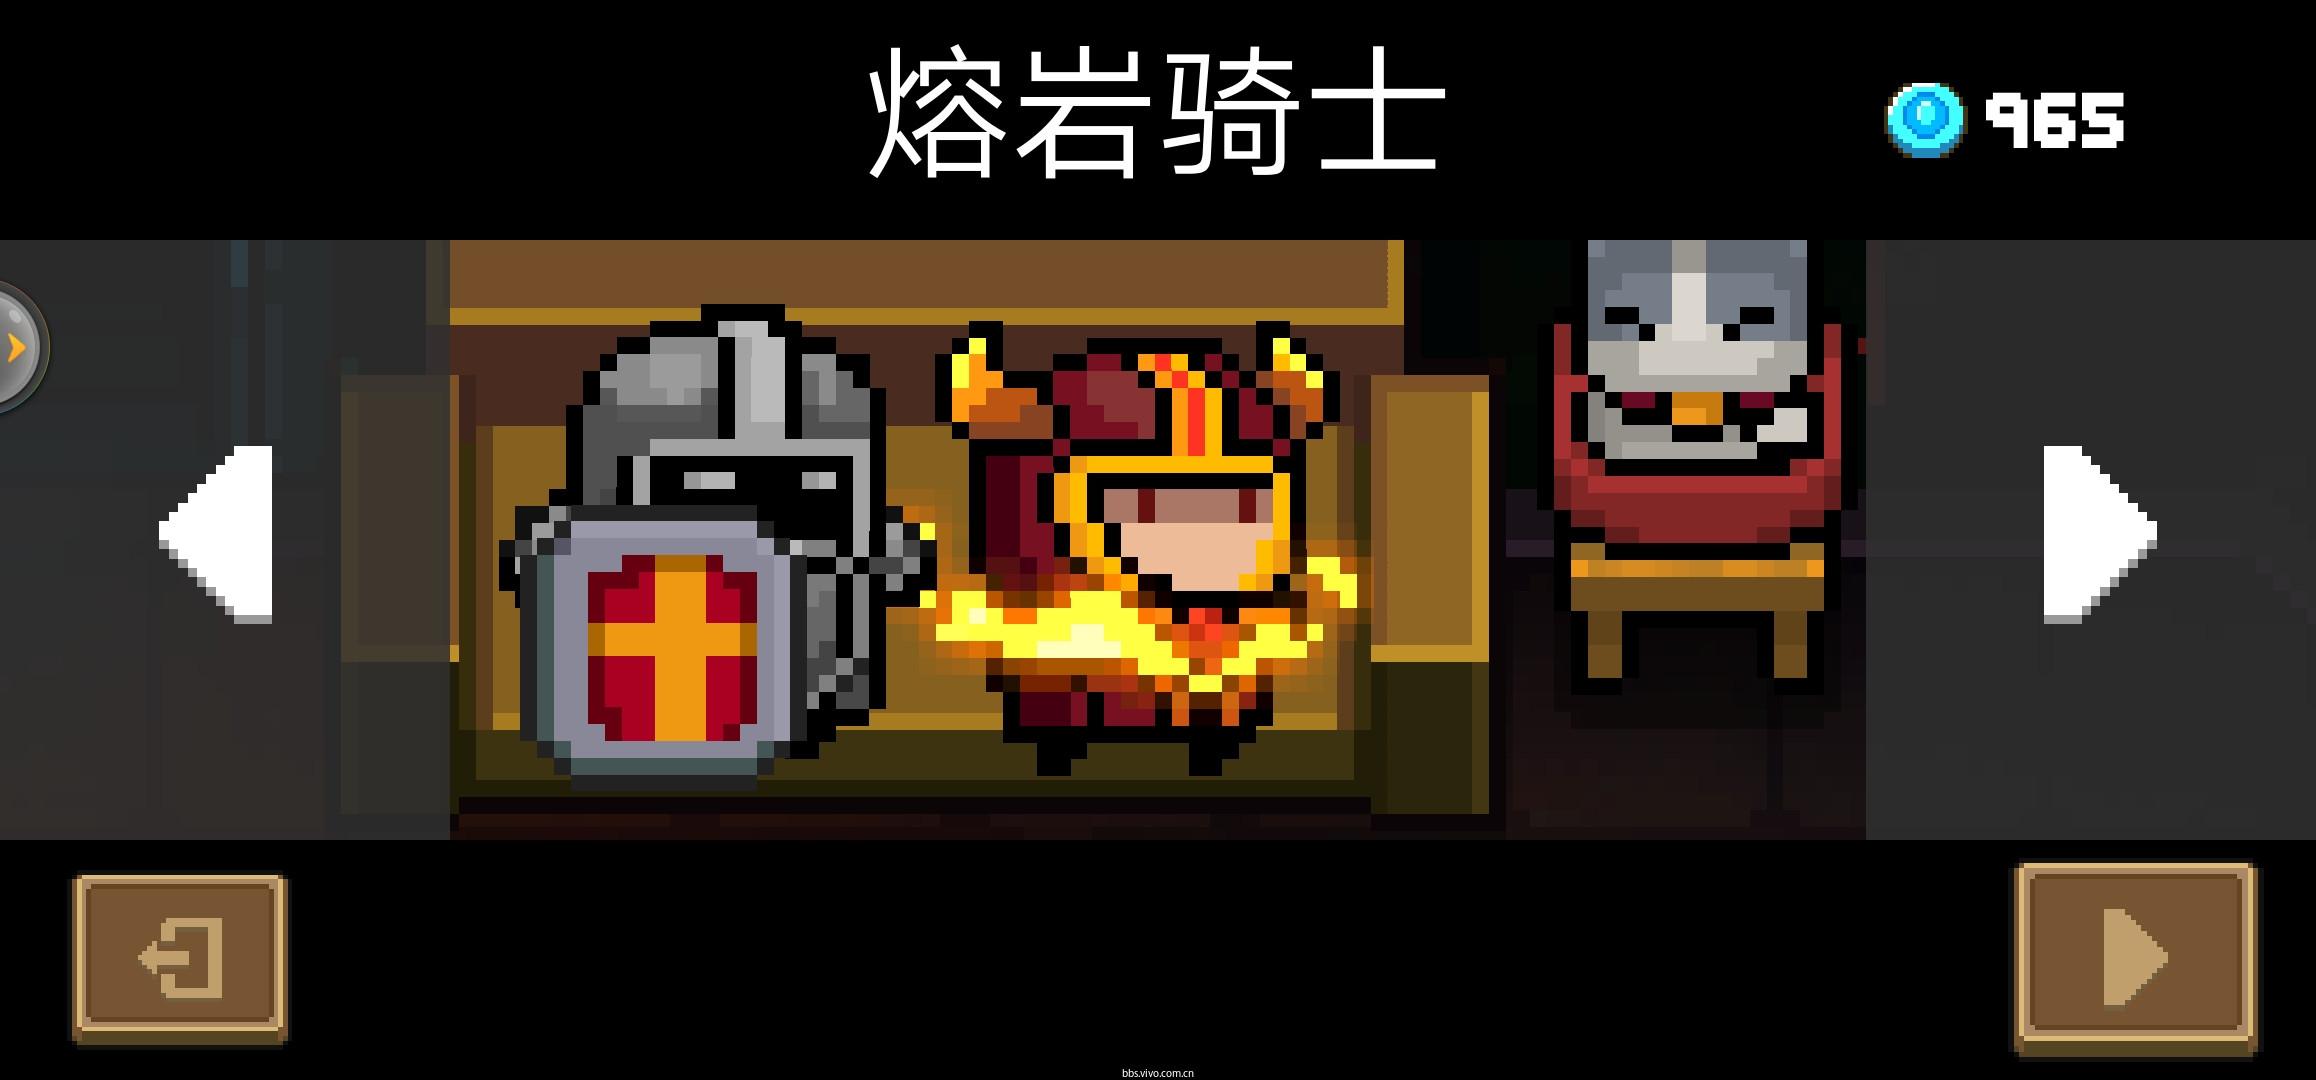 元气骑士03.jpg